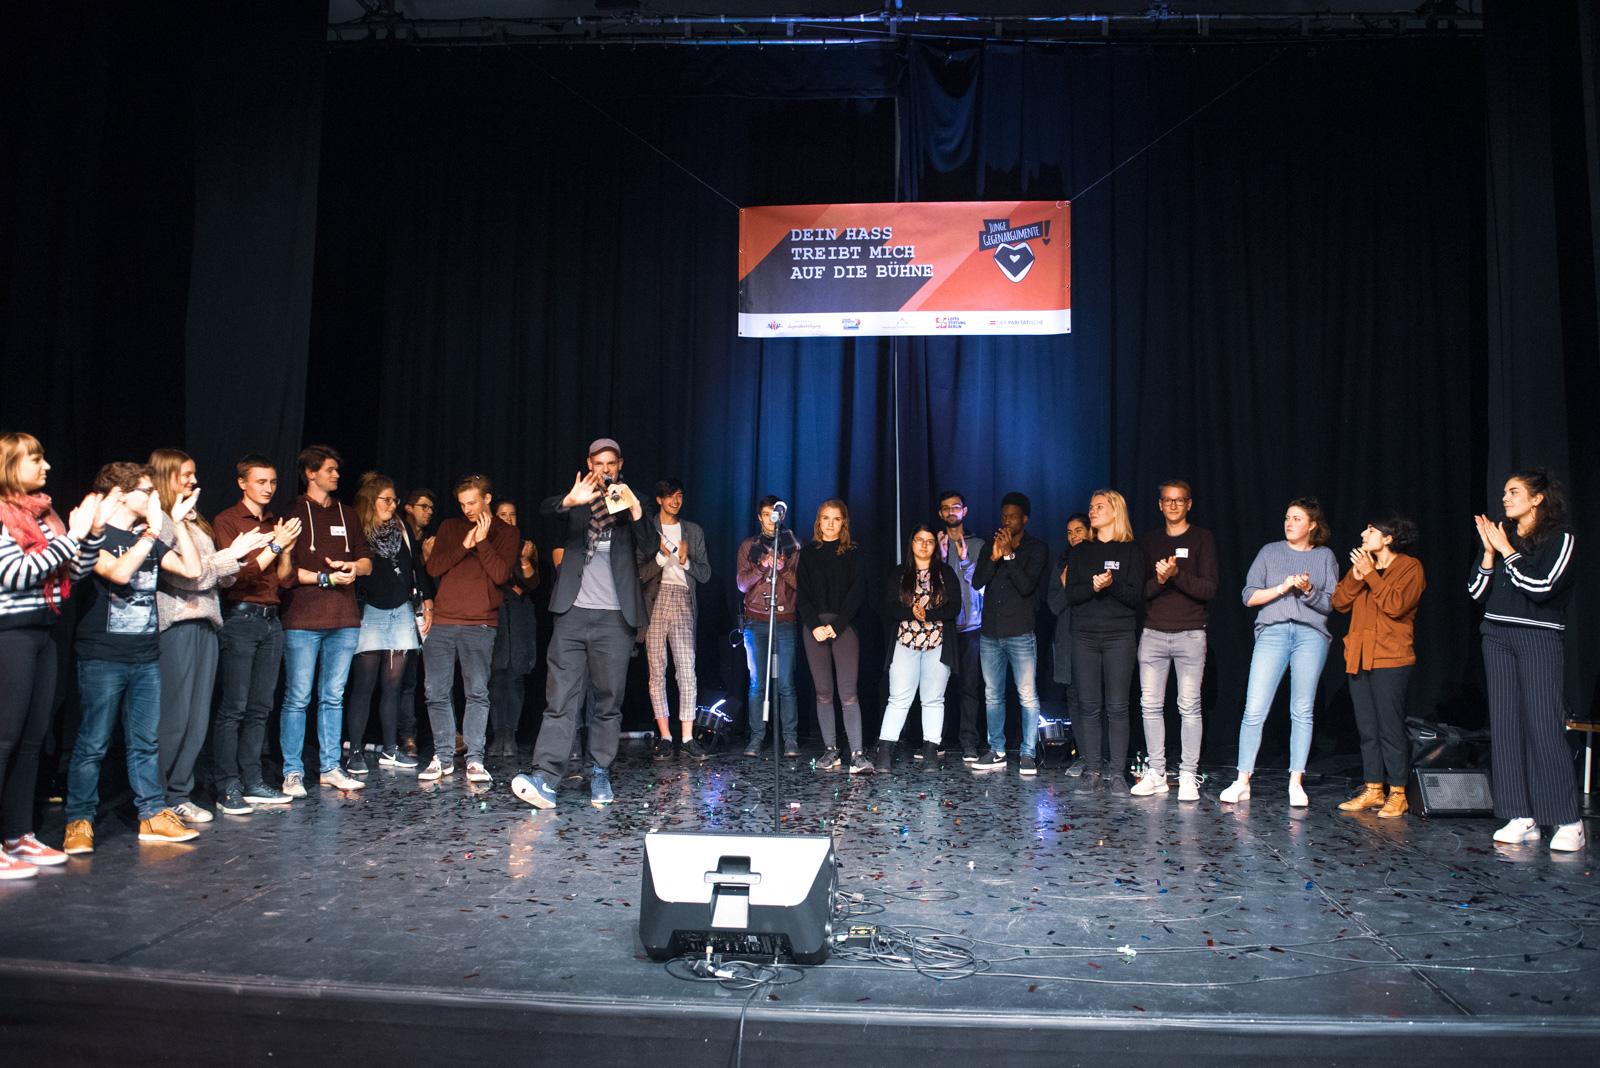 """Eine Gruppe junger Menschen steht auf einer Bühne und klatscht. Ein Mann spricht in ein Mikrophon. Im Hintergrund hängt ein Plakat auf dem steht: """"Dein Hass treibt mich auf die Bühne"""". Auf der Bühne liegt Konfetti."""